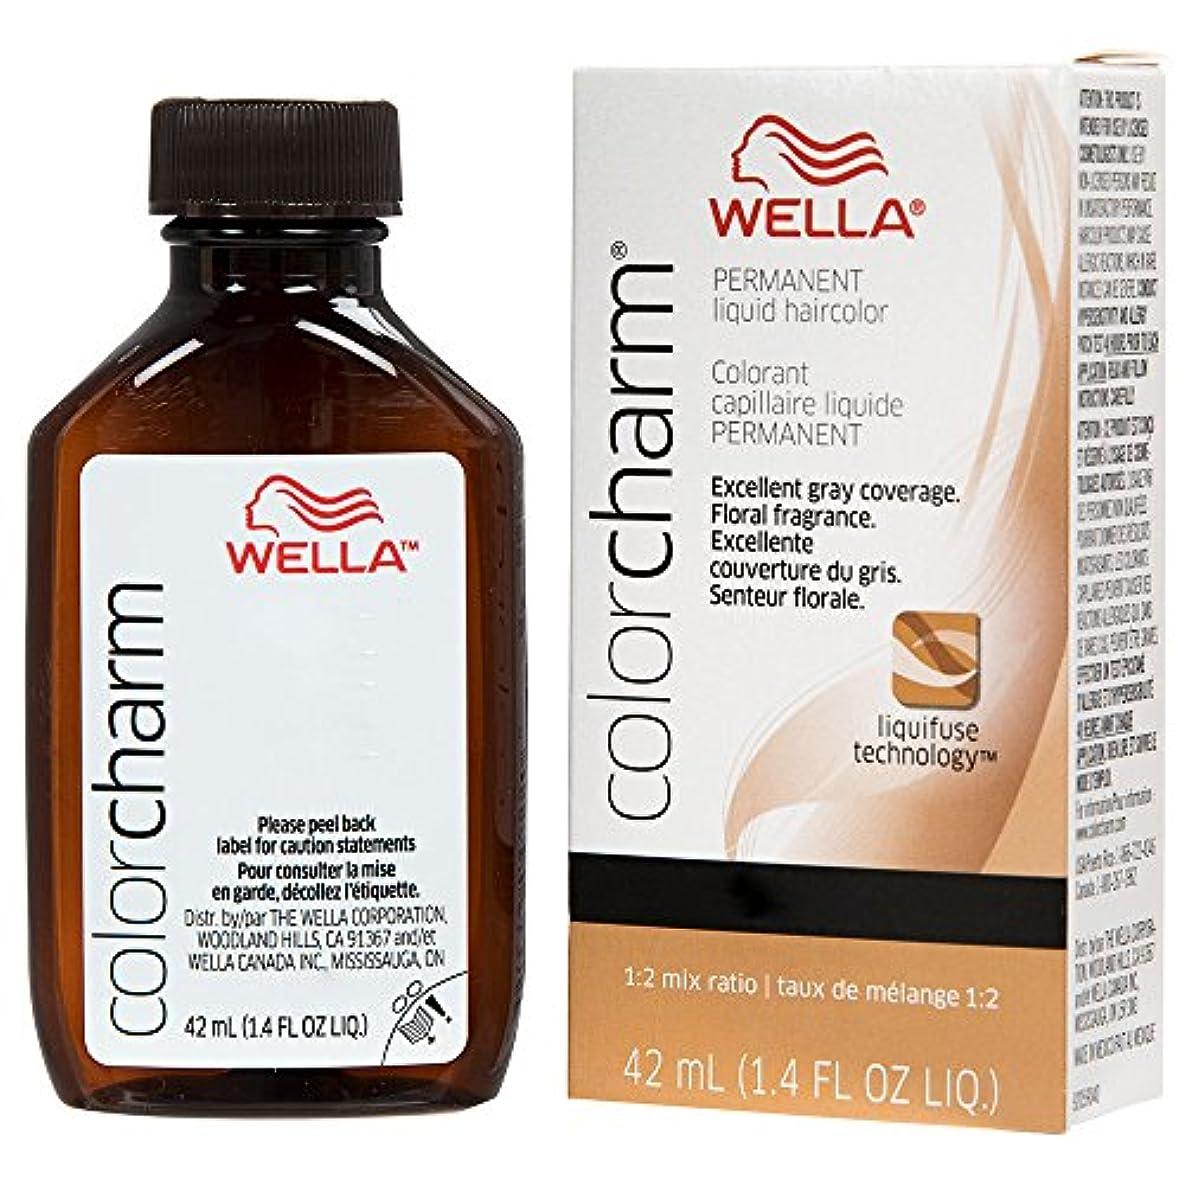 レジデンス子孫バッフルWella チャーム液体ヘアカラー、1200 / 12Nブロンド超ペール 1.4オンス #1200 / 12Nブロンド超ペール